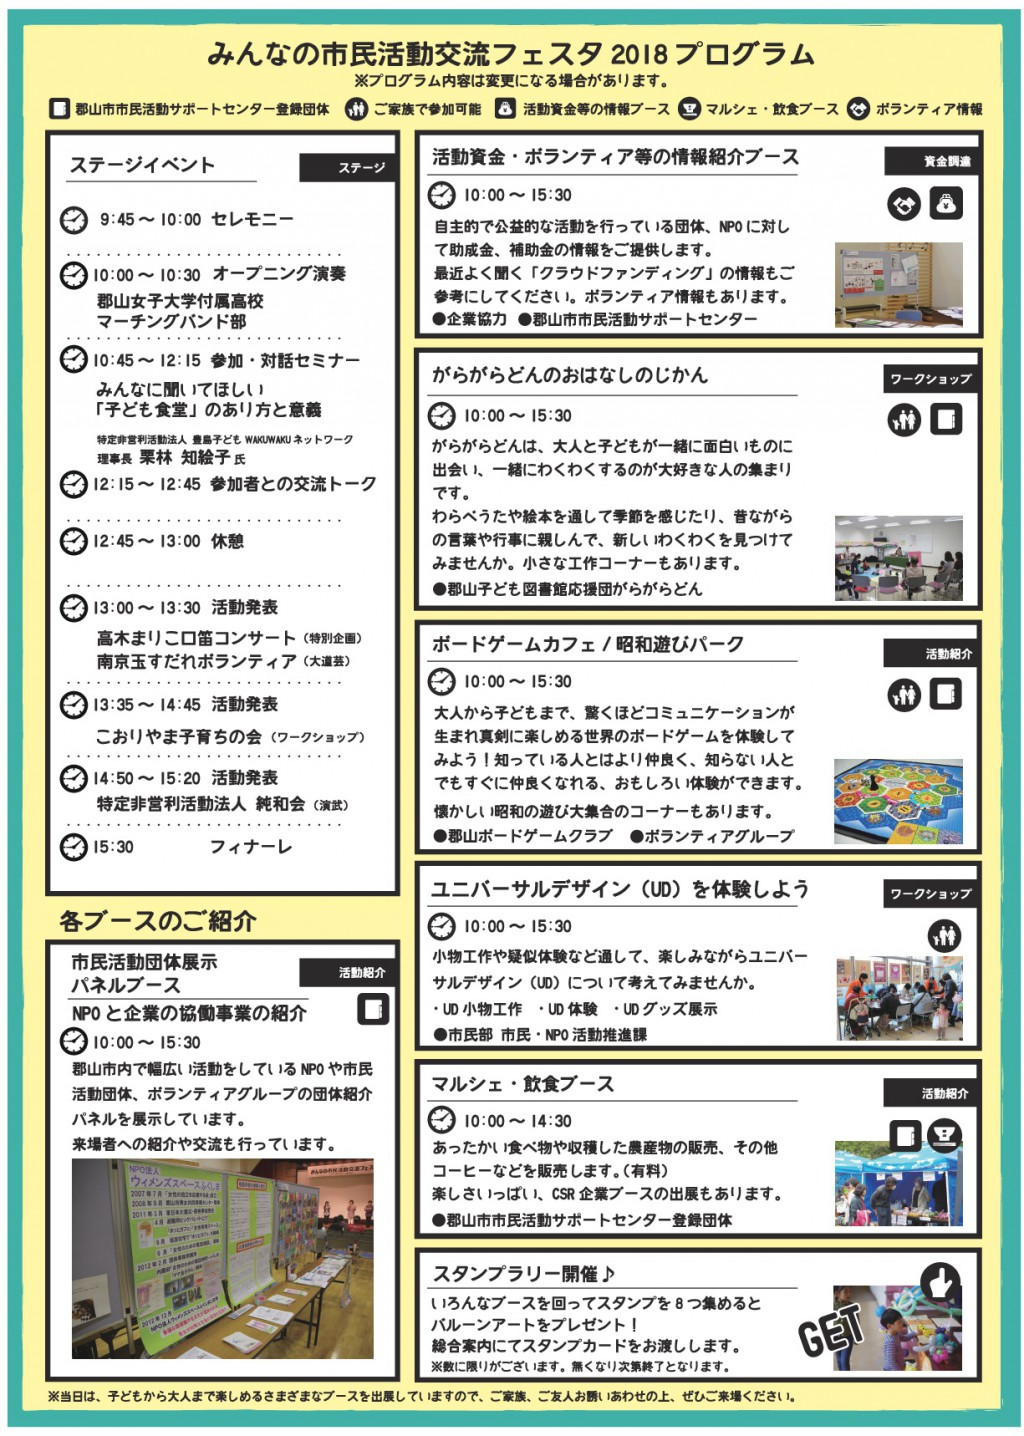 市民活動フェスタ (2)